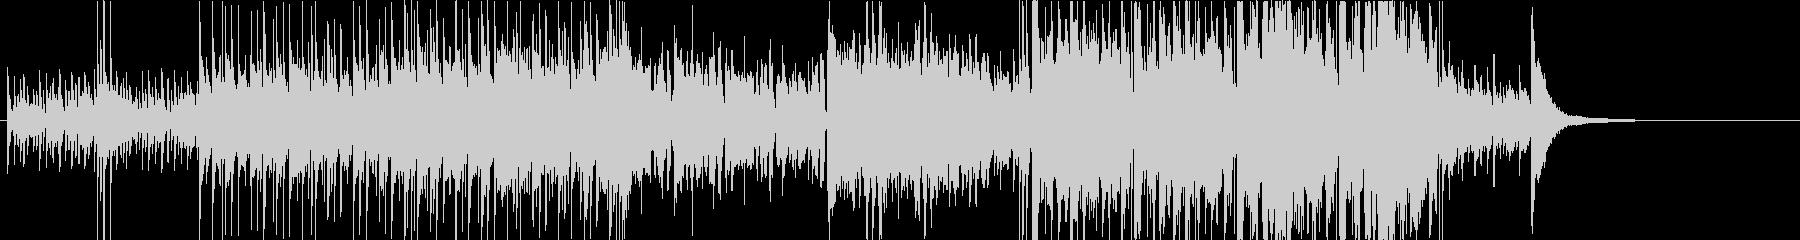 バンジョーを使用した軽快コミカルなBGMの未再生の波形